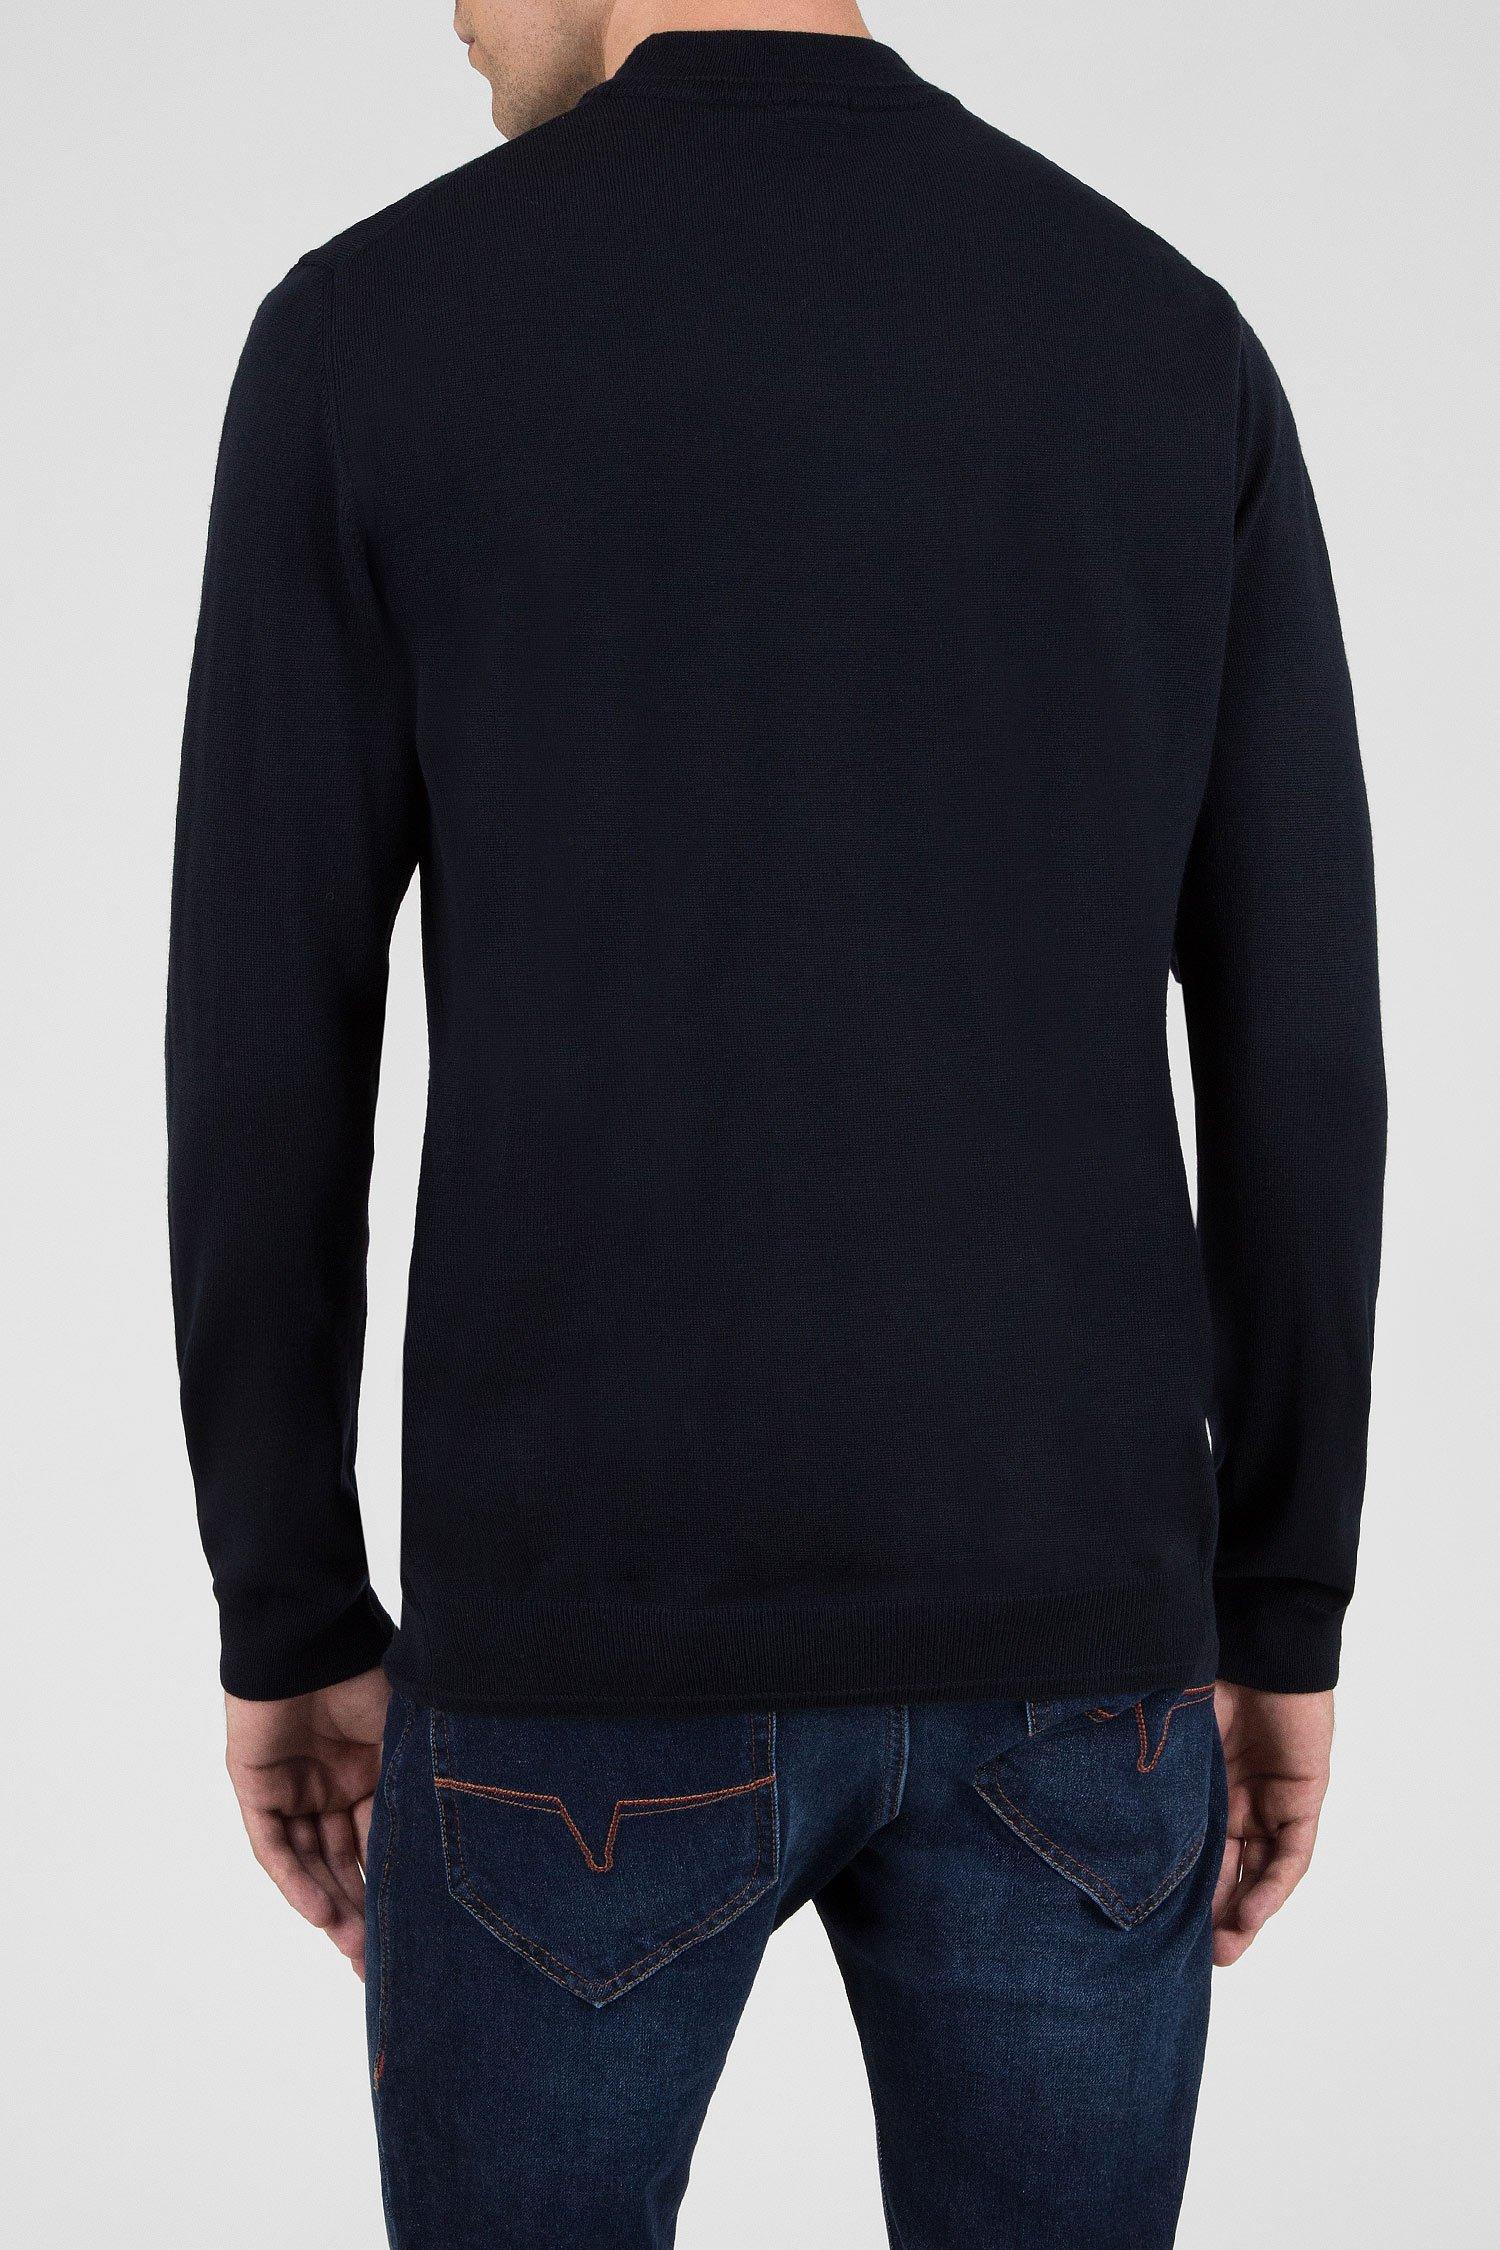 Купить Мужской темно-синий шерстяной джемпер Joop Joop 30006223-405 – Киев, Украина. Цены в интернет магазине MD Fashion